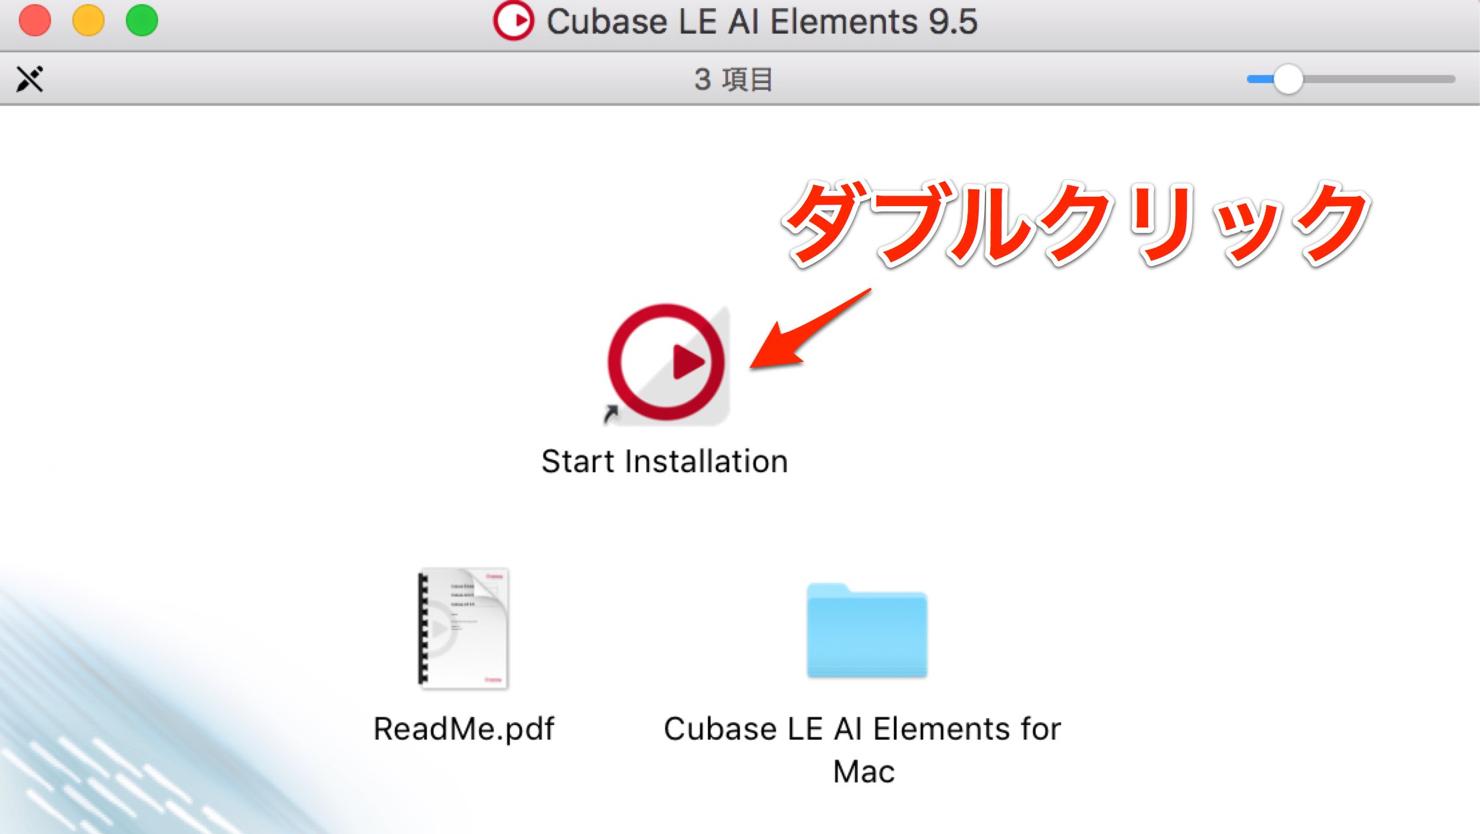 cubase-pro-elements-9-5-trial-10